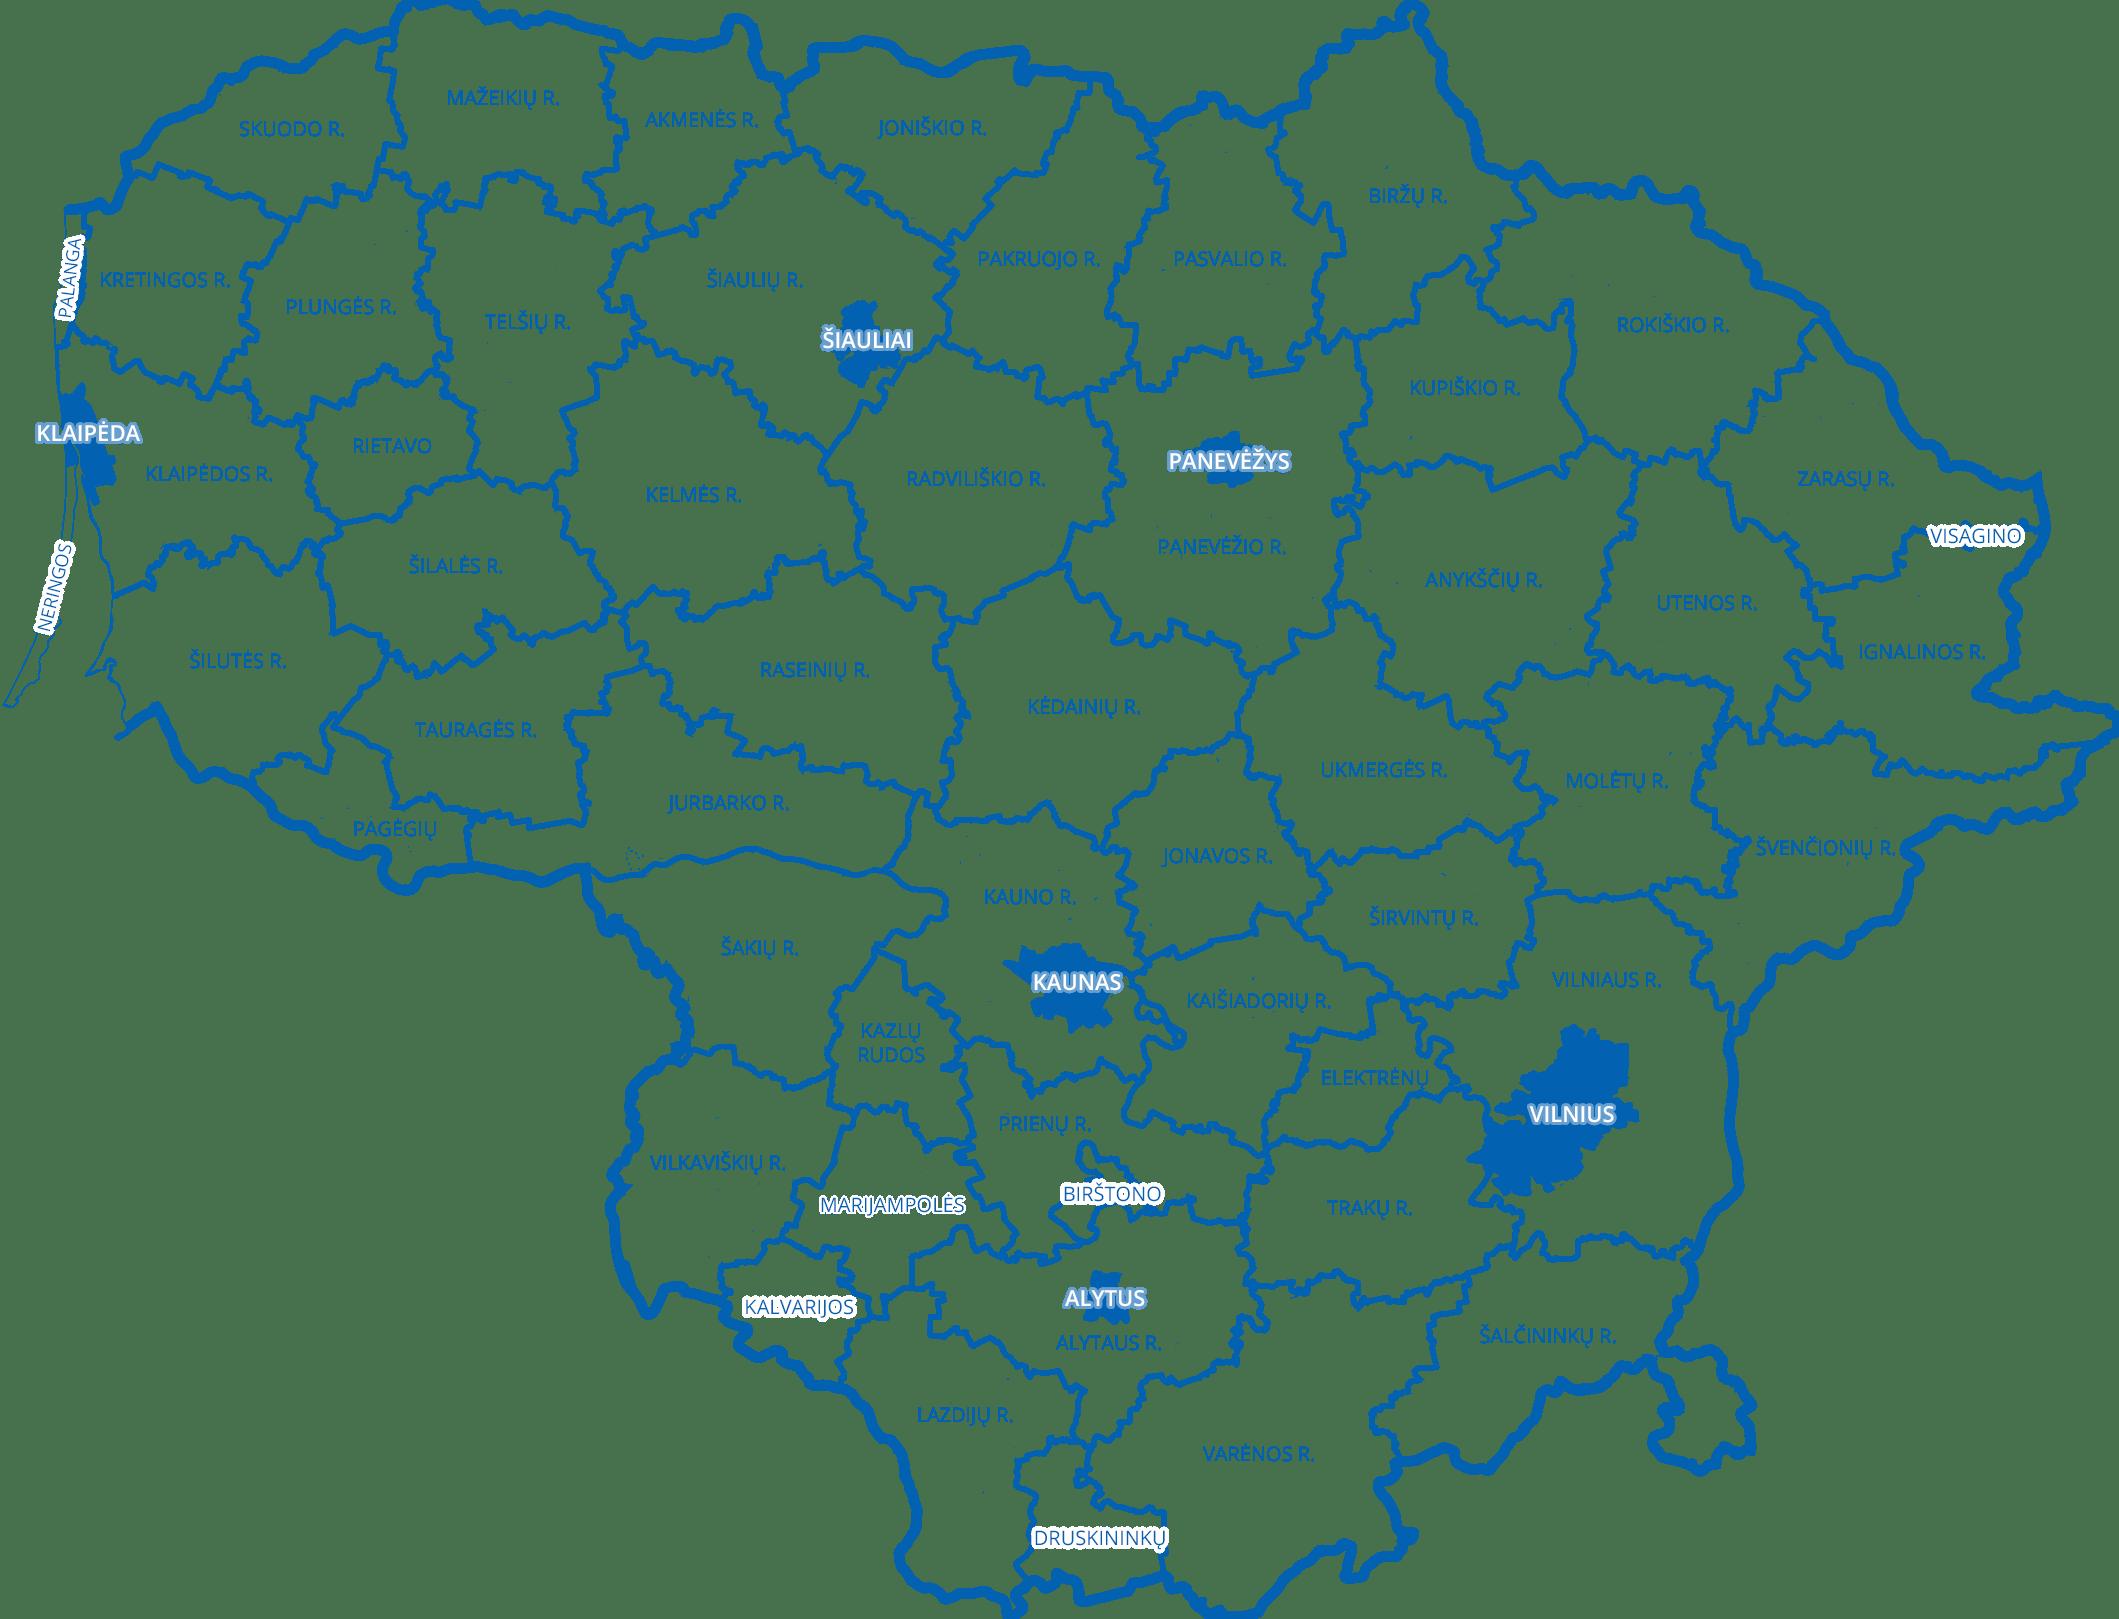 Lietuvos savivaldybių indeksas